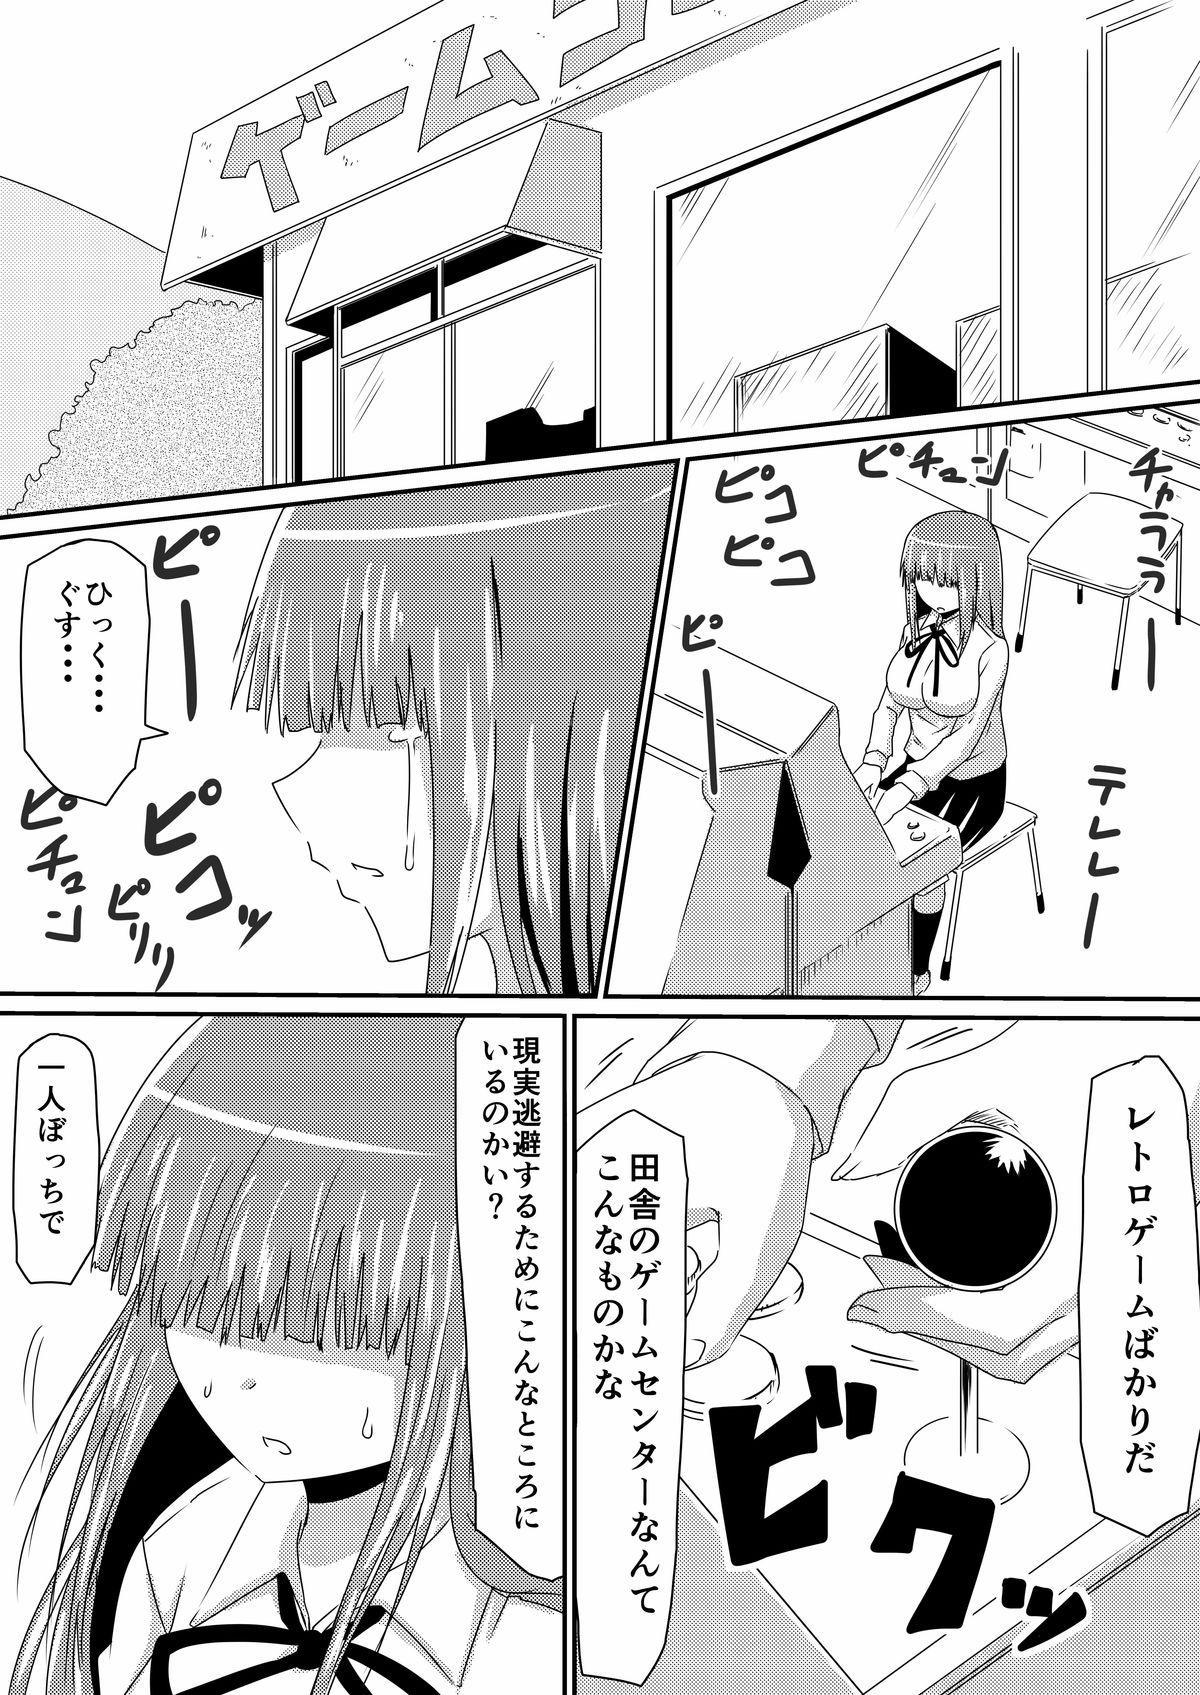 [Mikezoutei] Mashou no Chinko o Motsu Shounen ~Kare no Dankon wa Josei o Mesu e to Kaeru~ Zenpen 56